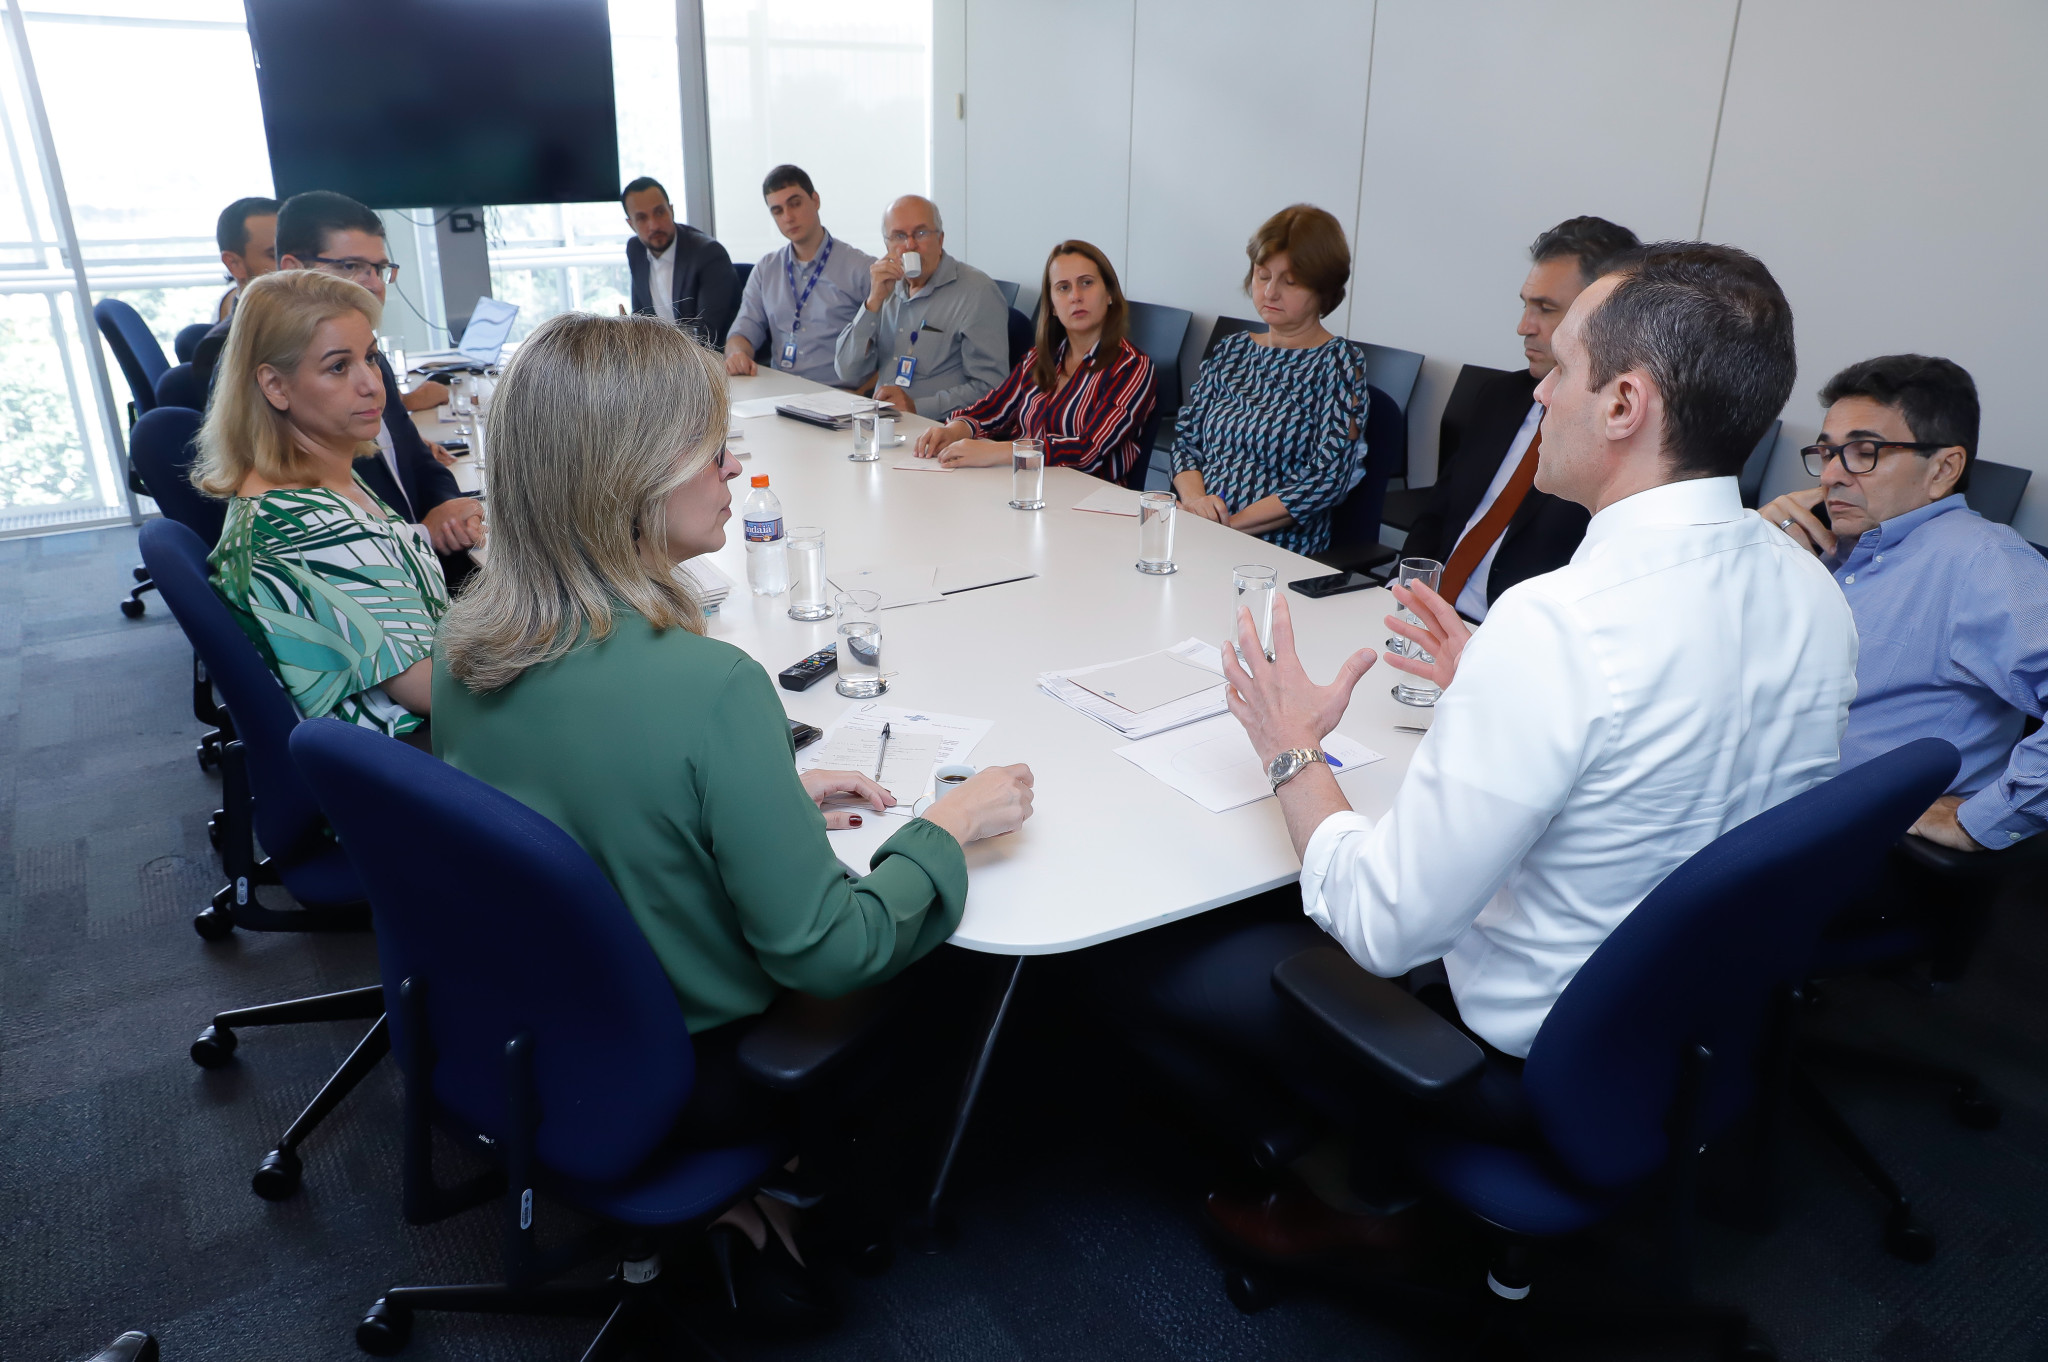 Reunião com os grupos de trabalho 4 e 8 – Sala de Reunião